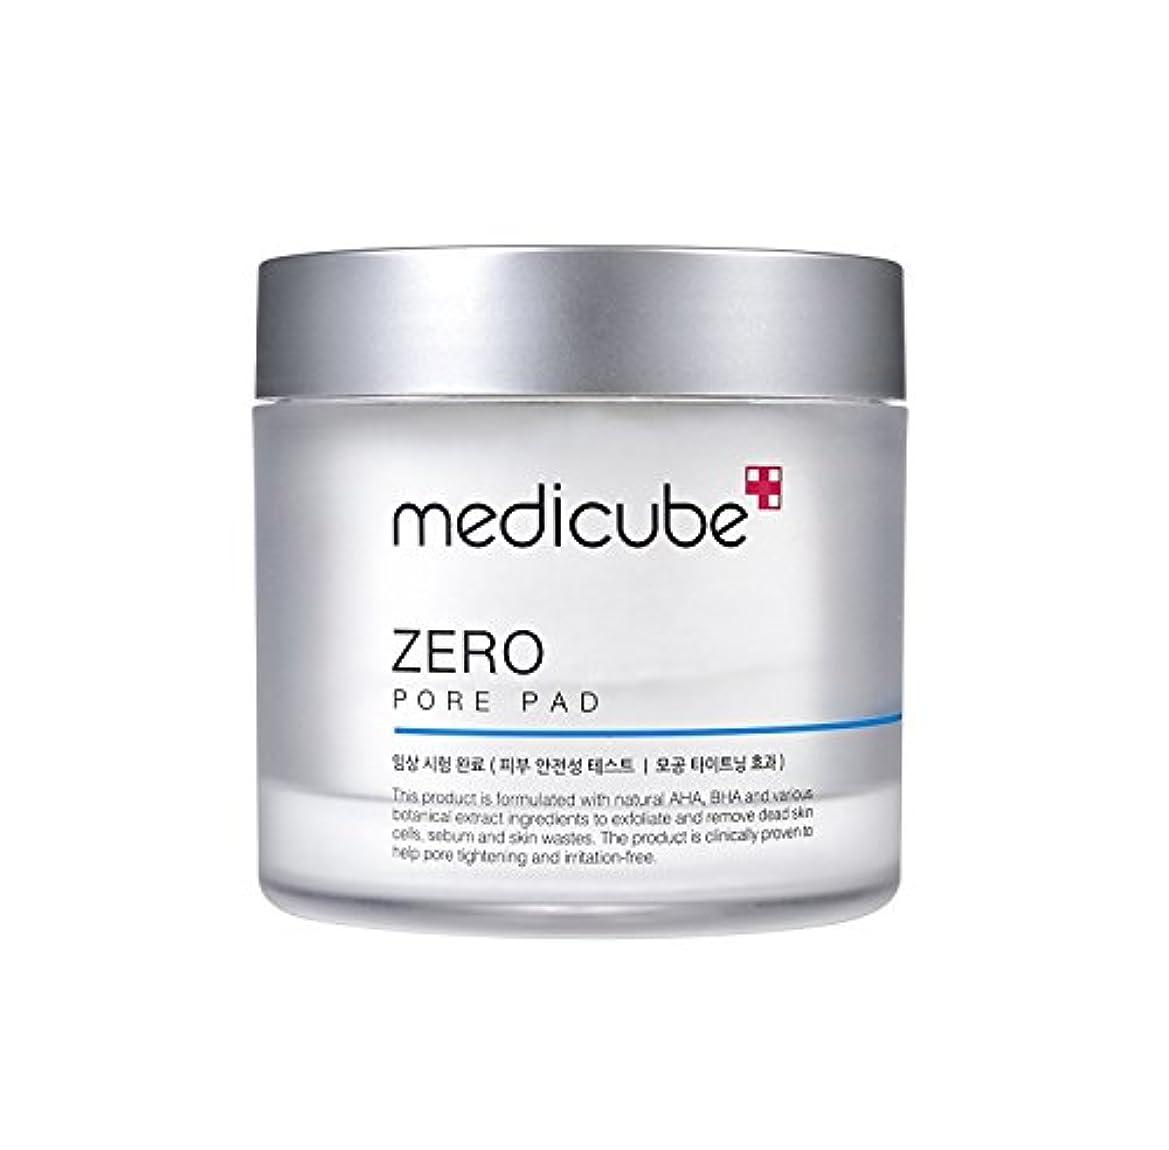 緯度抽選古風な[Medicube]Zero Pore Pad / ゼロ毛穴パッド / 正品?海外直送商品 [並行輸入品]